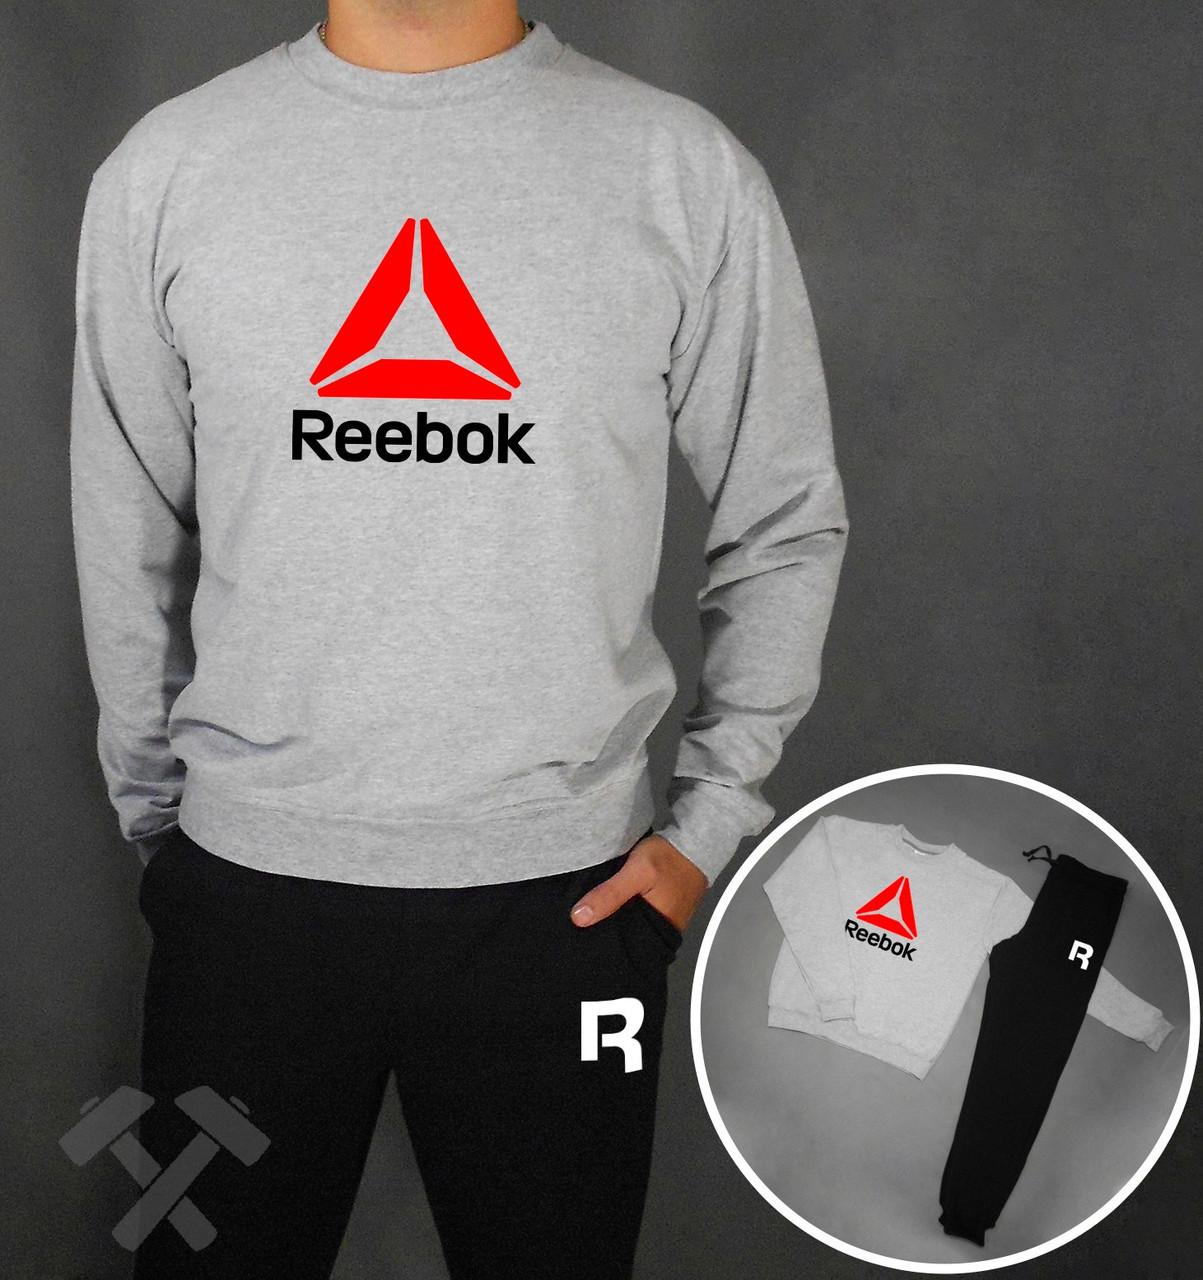 Спортивный костюм Reebok RBK серый верх черный низ с красным логотипом на груди